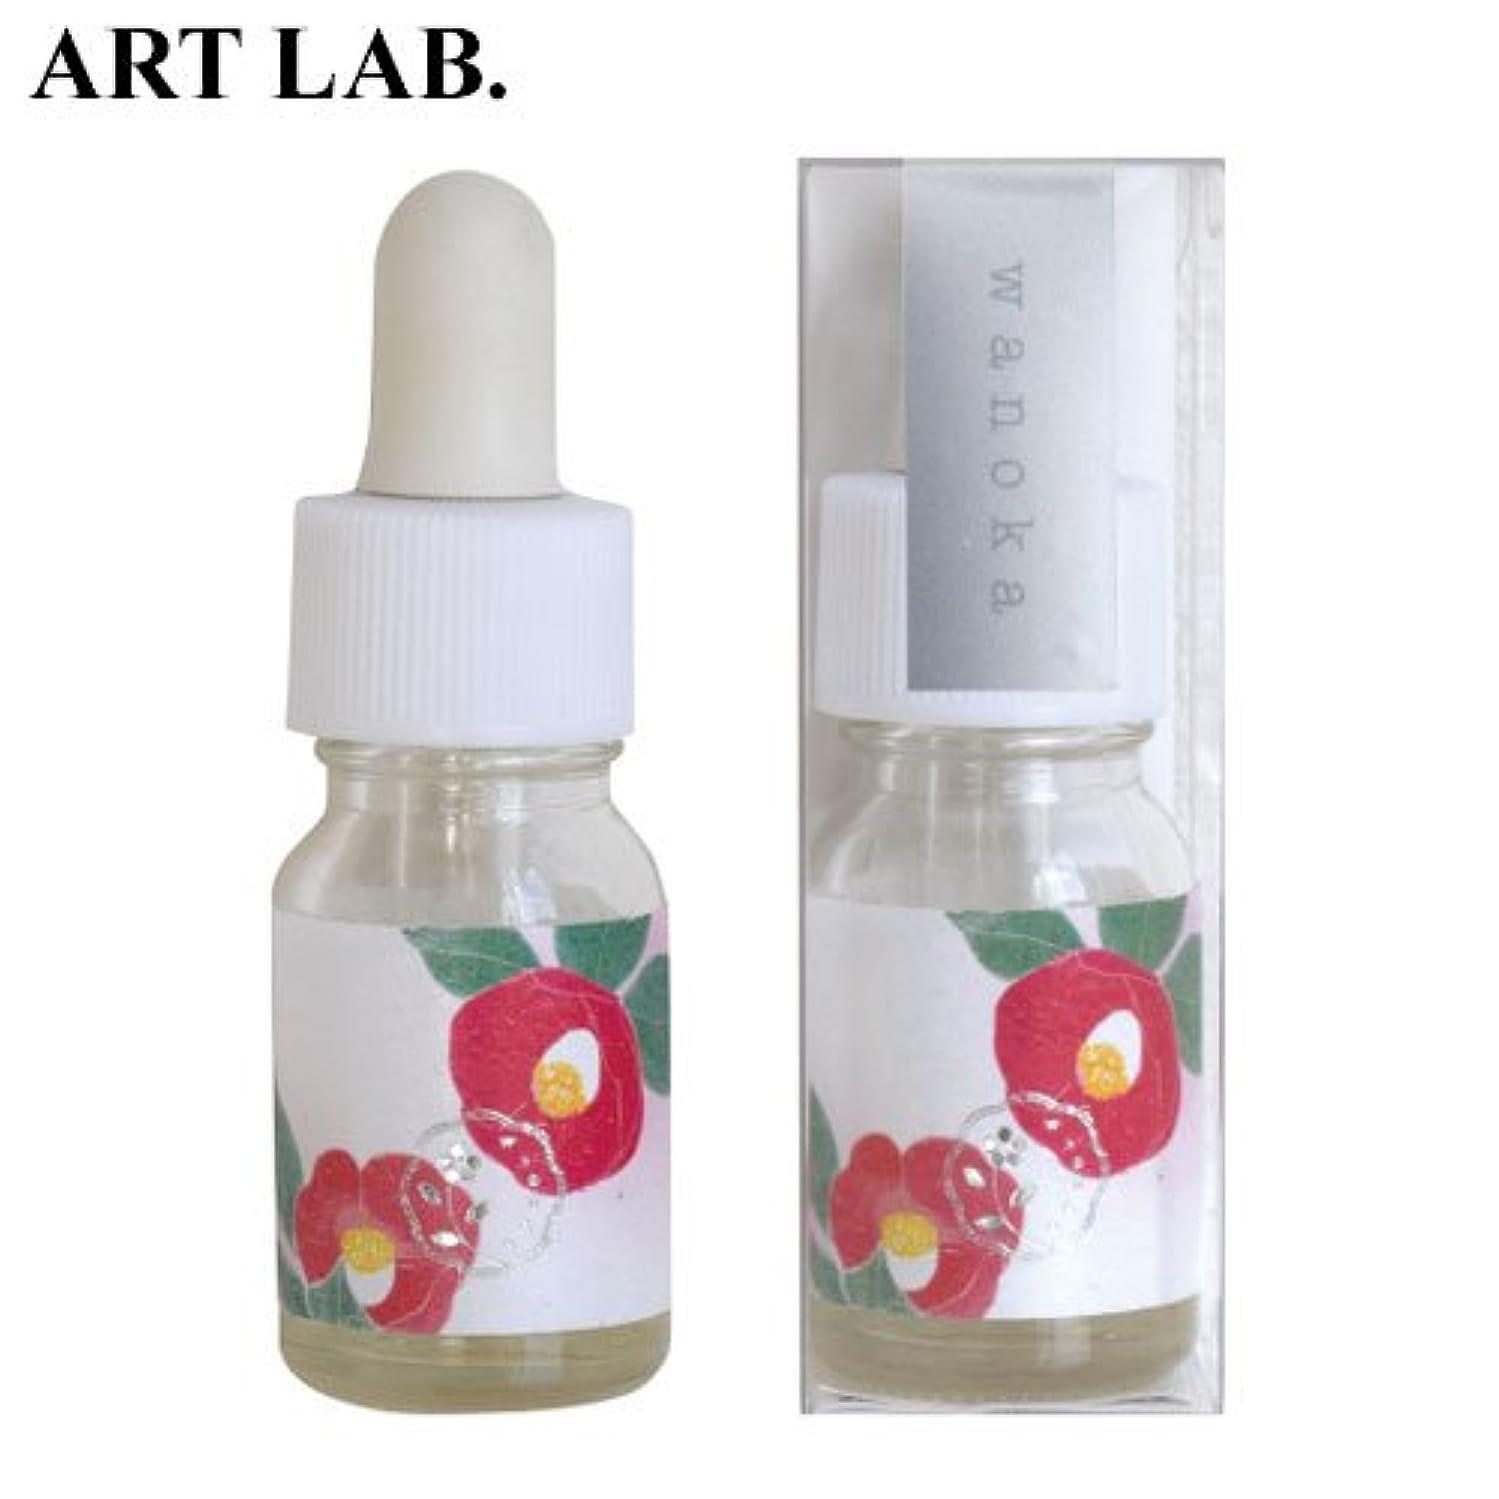 ラッカス構造的スケジュールwanoka香油アロマオイル椿《おしとやかで深みのある香り》ART LABAromatic oil